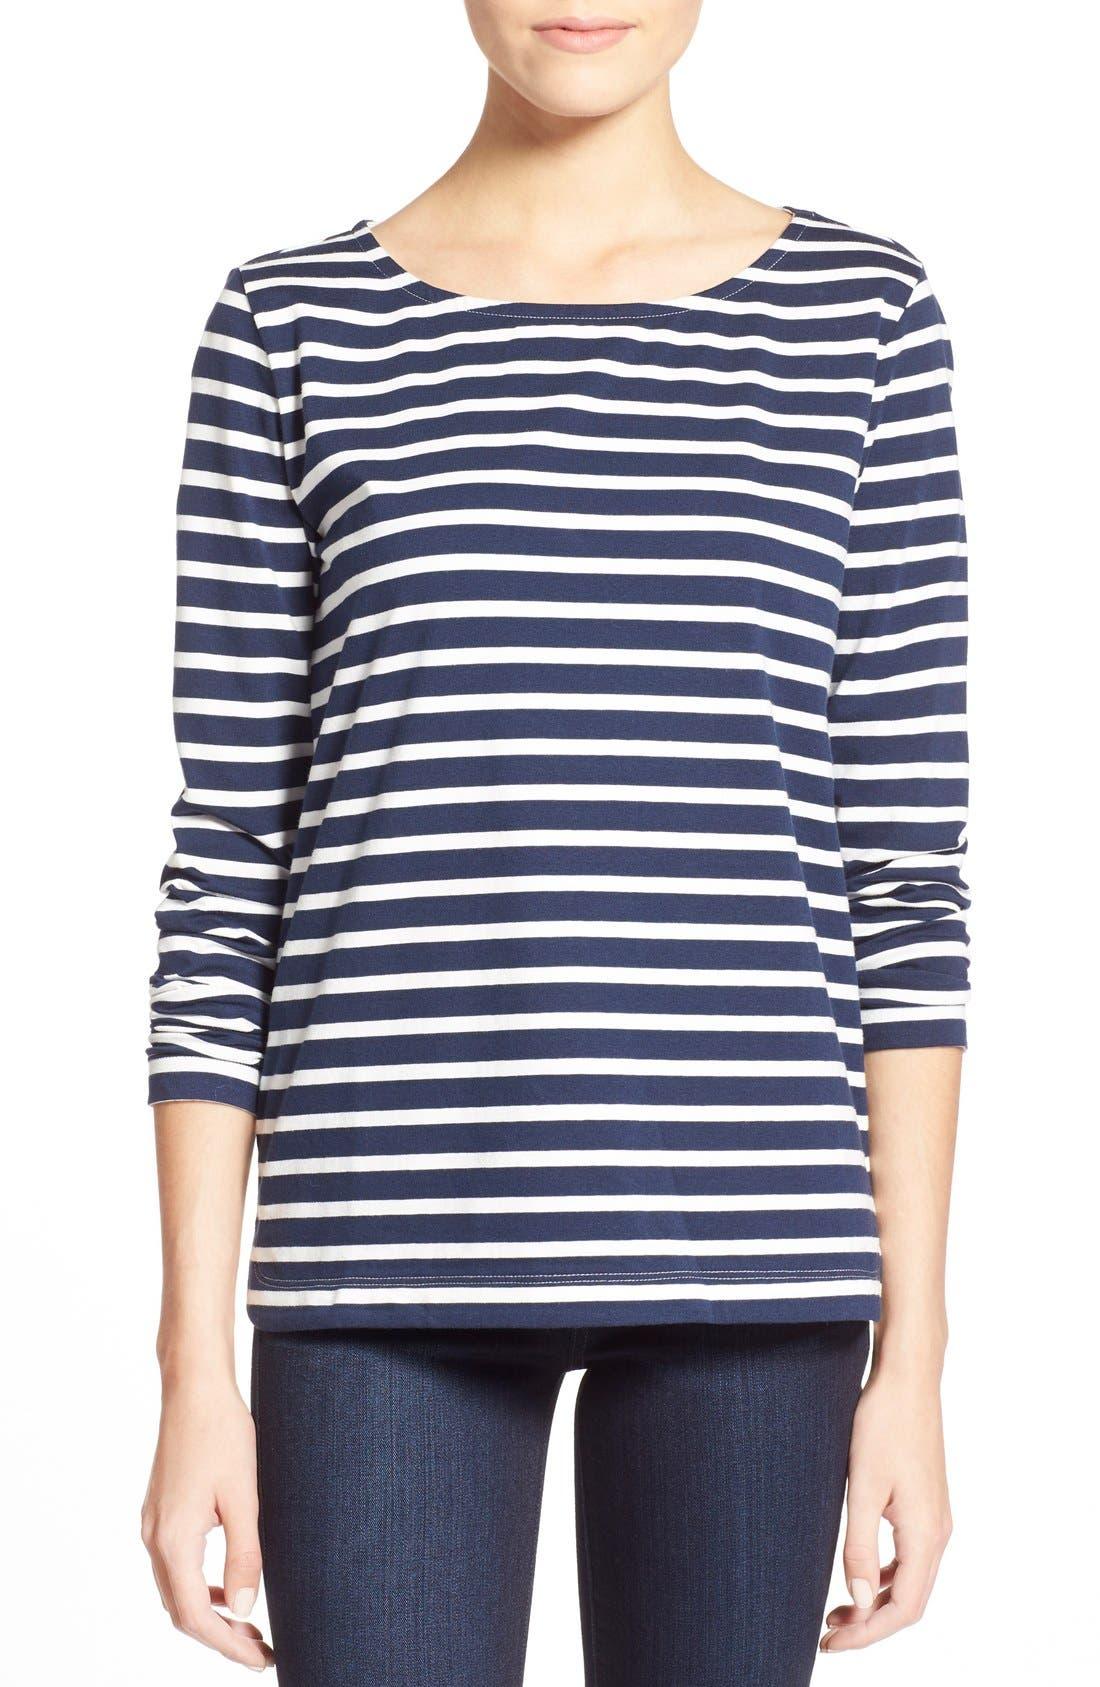 Main Image - Vineyard Vines Stripe Long Sleeve Knit Tee